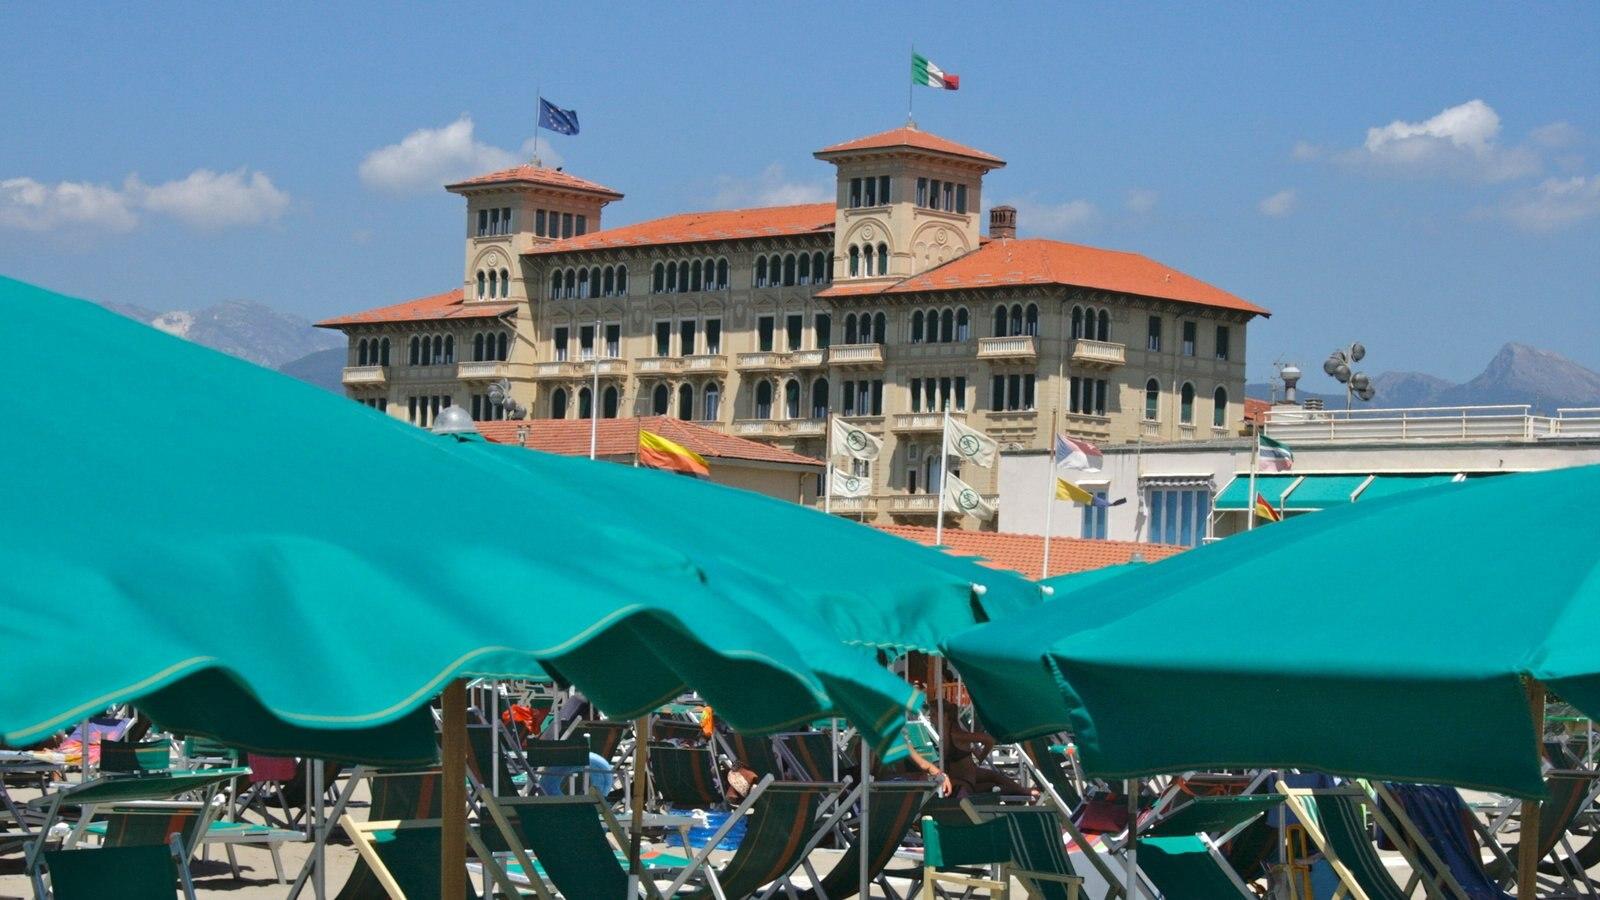 Viareggio featuring a city and a square or plaza